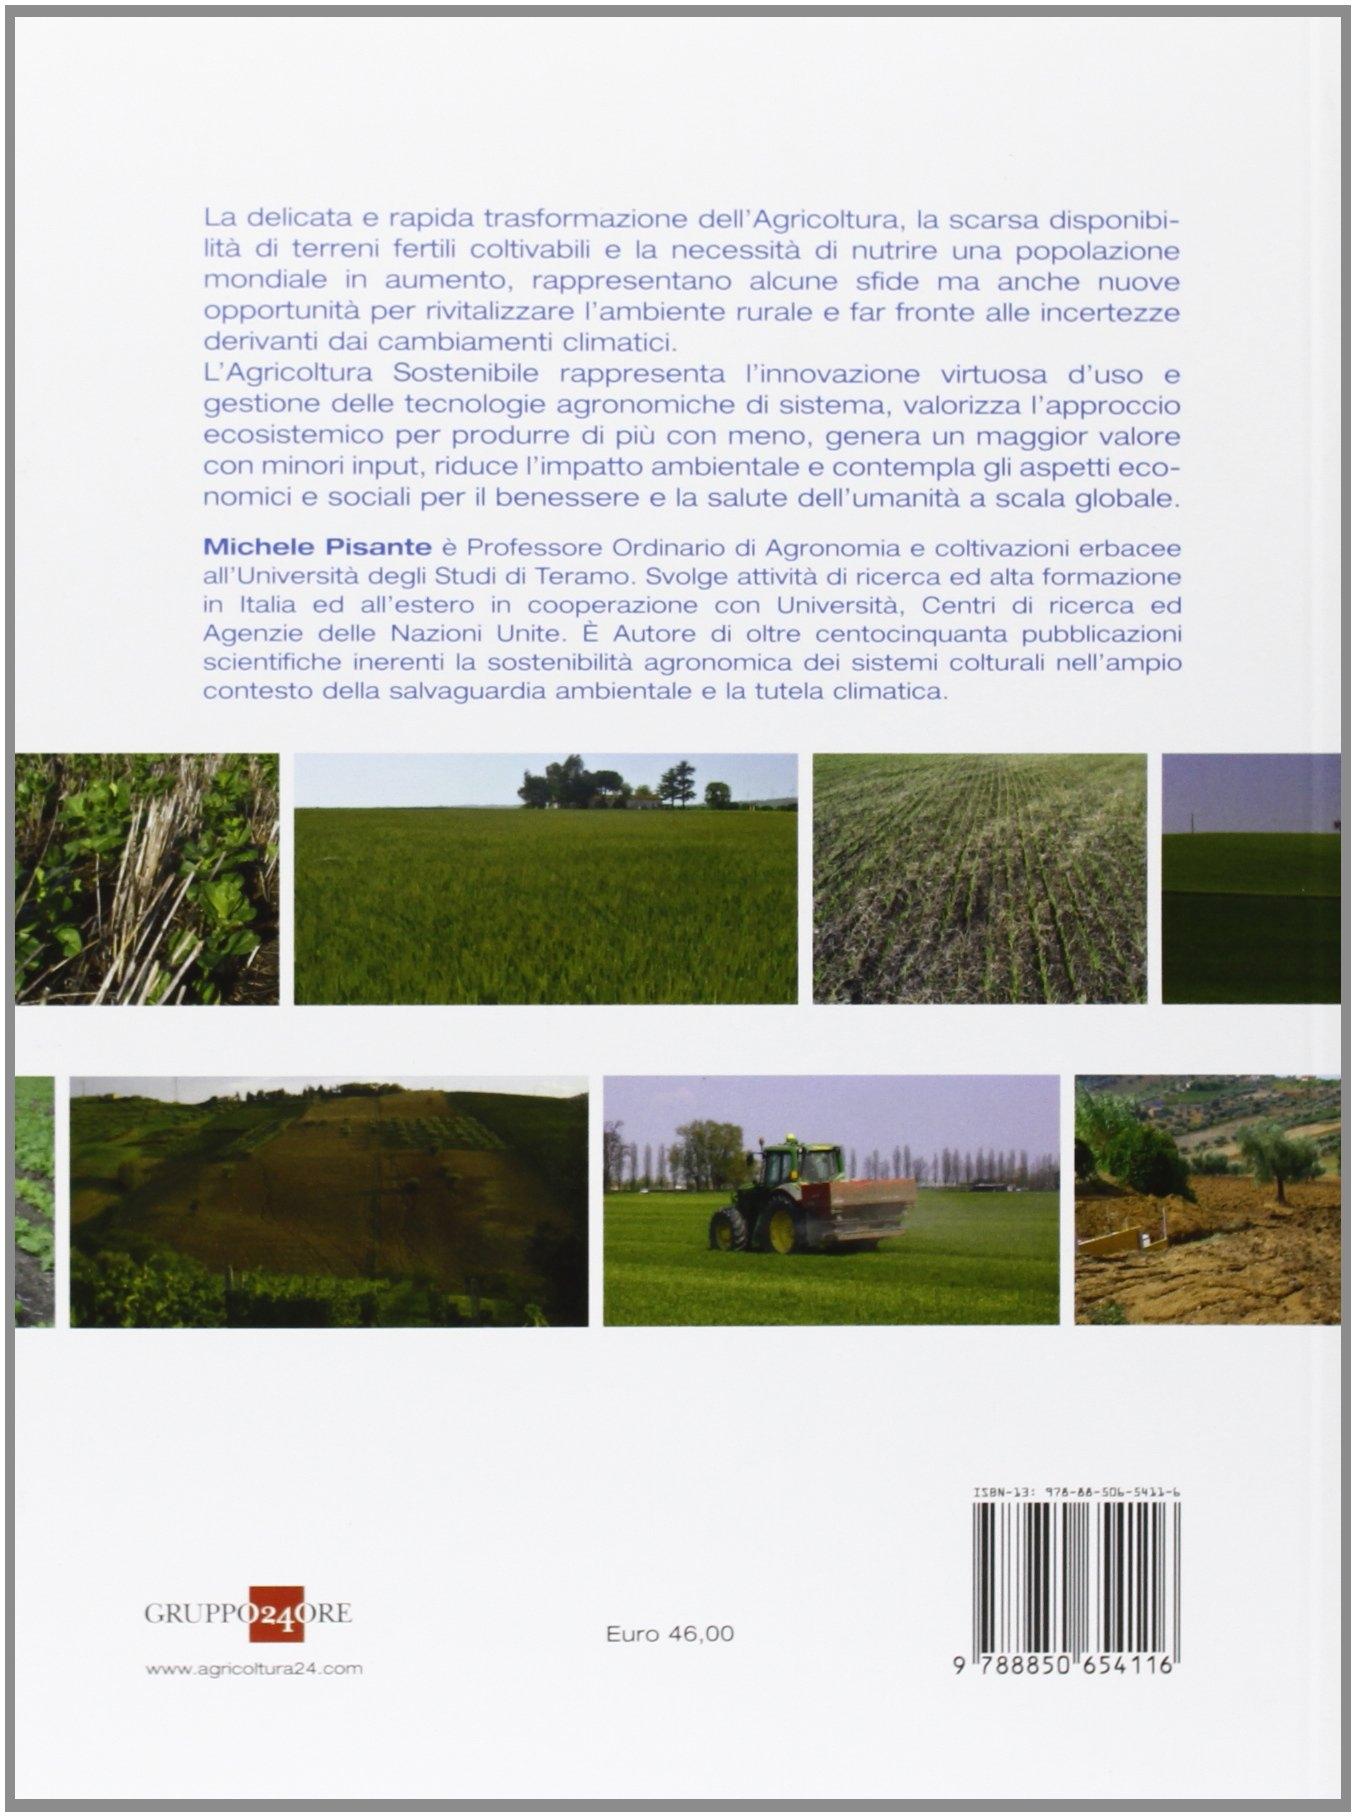 Agricoltura sostenibile. Principi, sistemi e tecnologie applicate all'agricoltura produttiva per la salvaguardia dell'ambiente e la tutela climatica